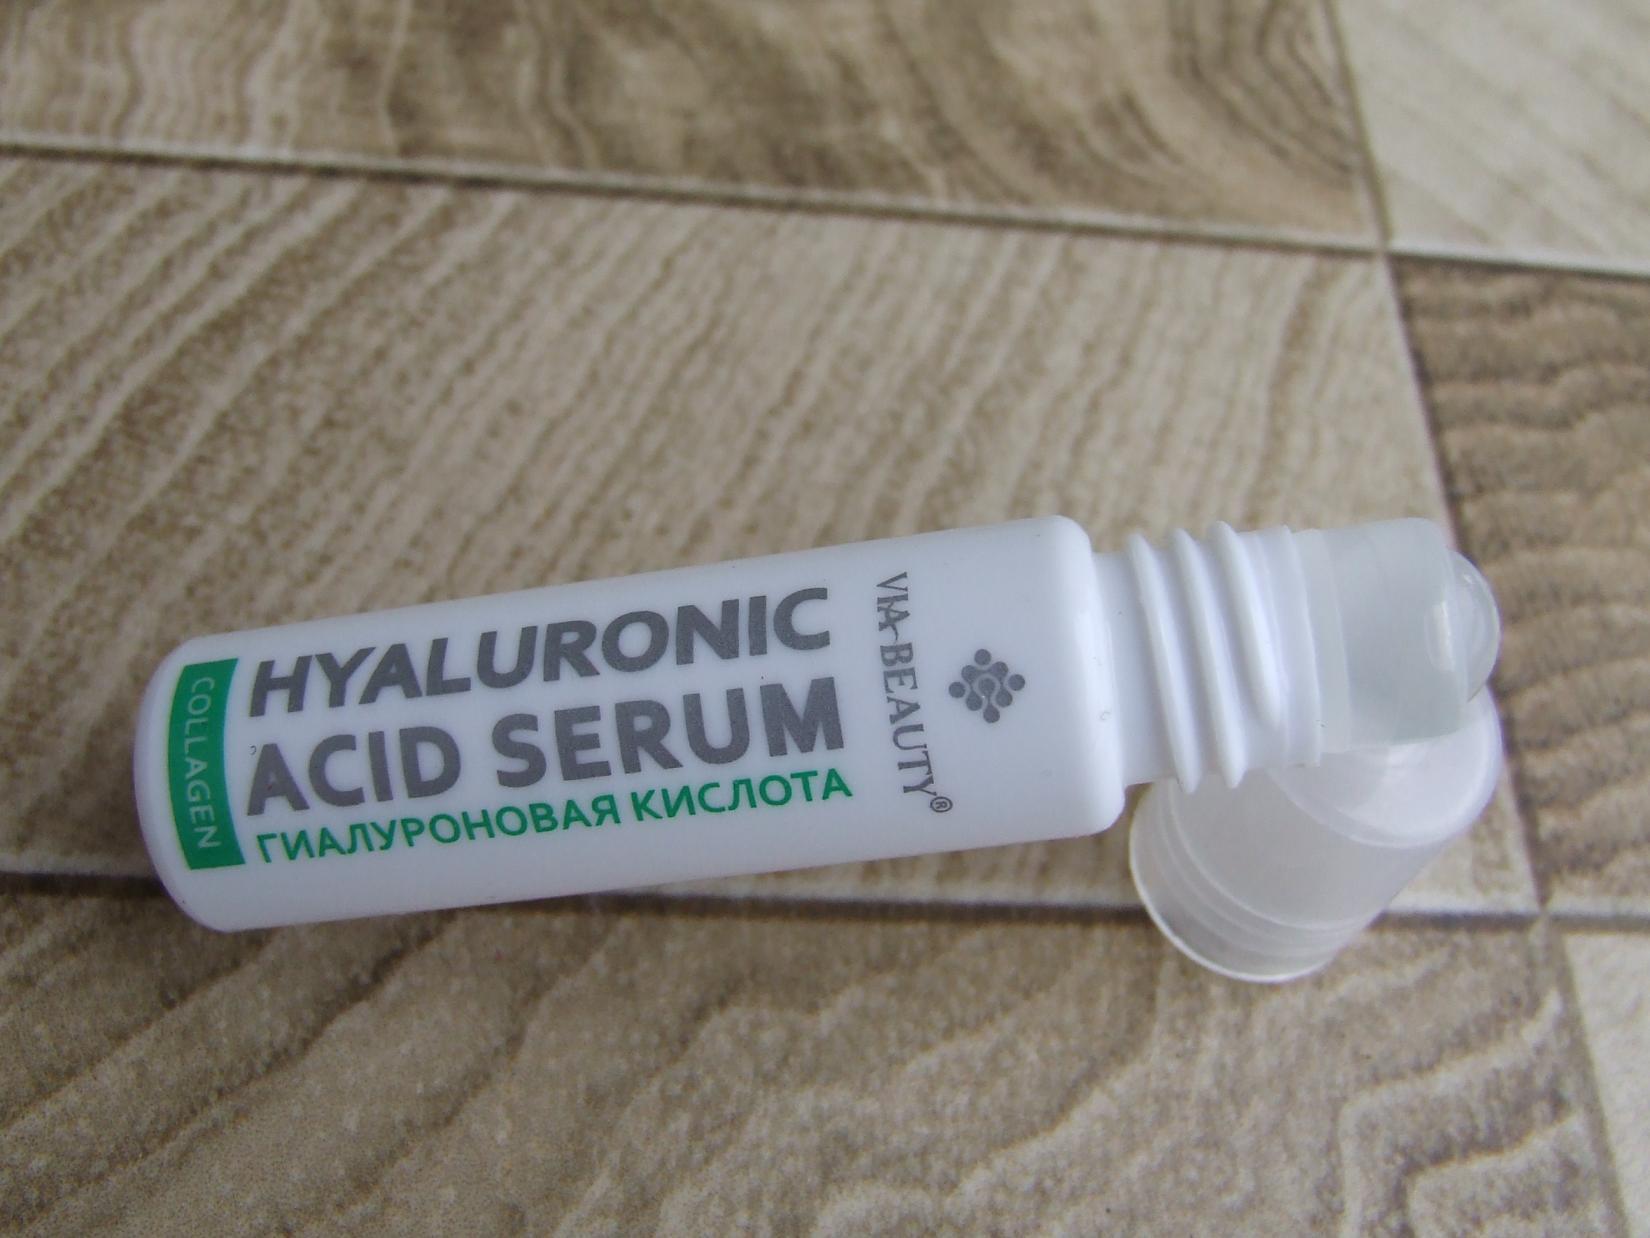 ролик с гиалуроновой кислотой